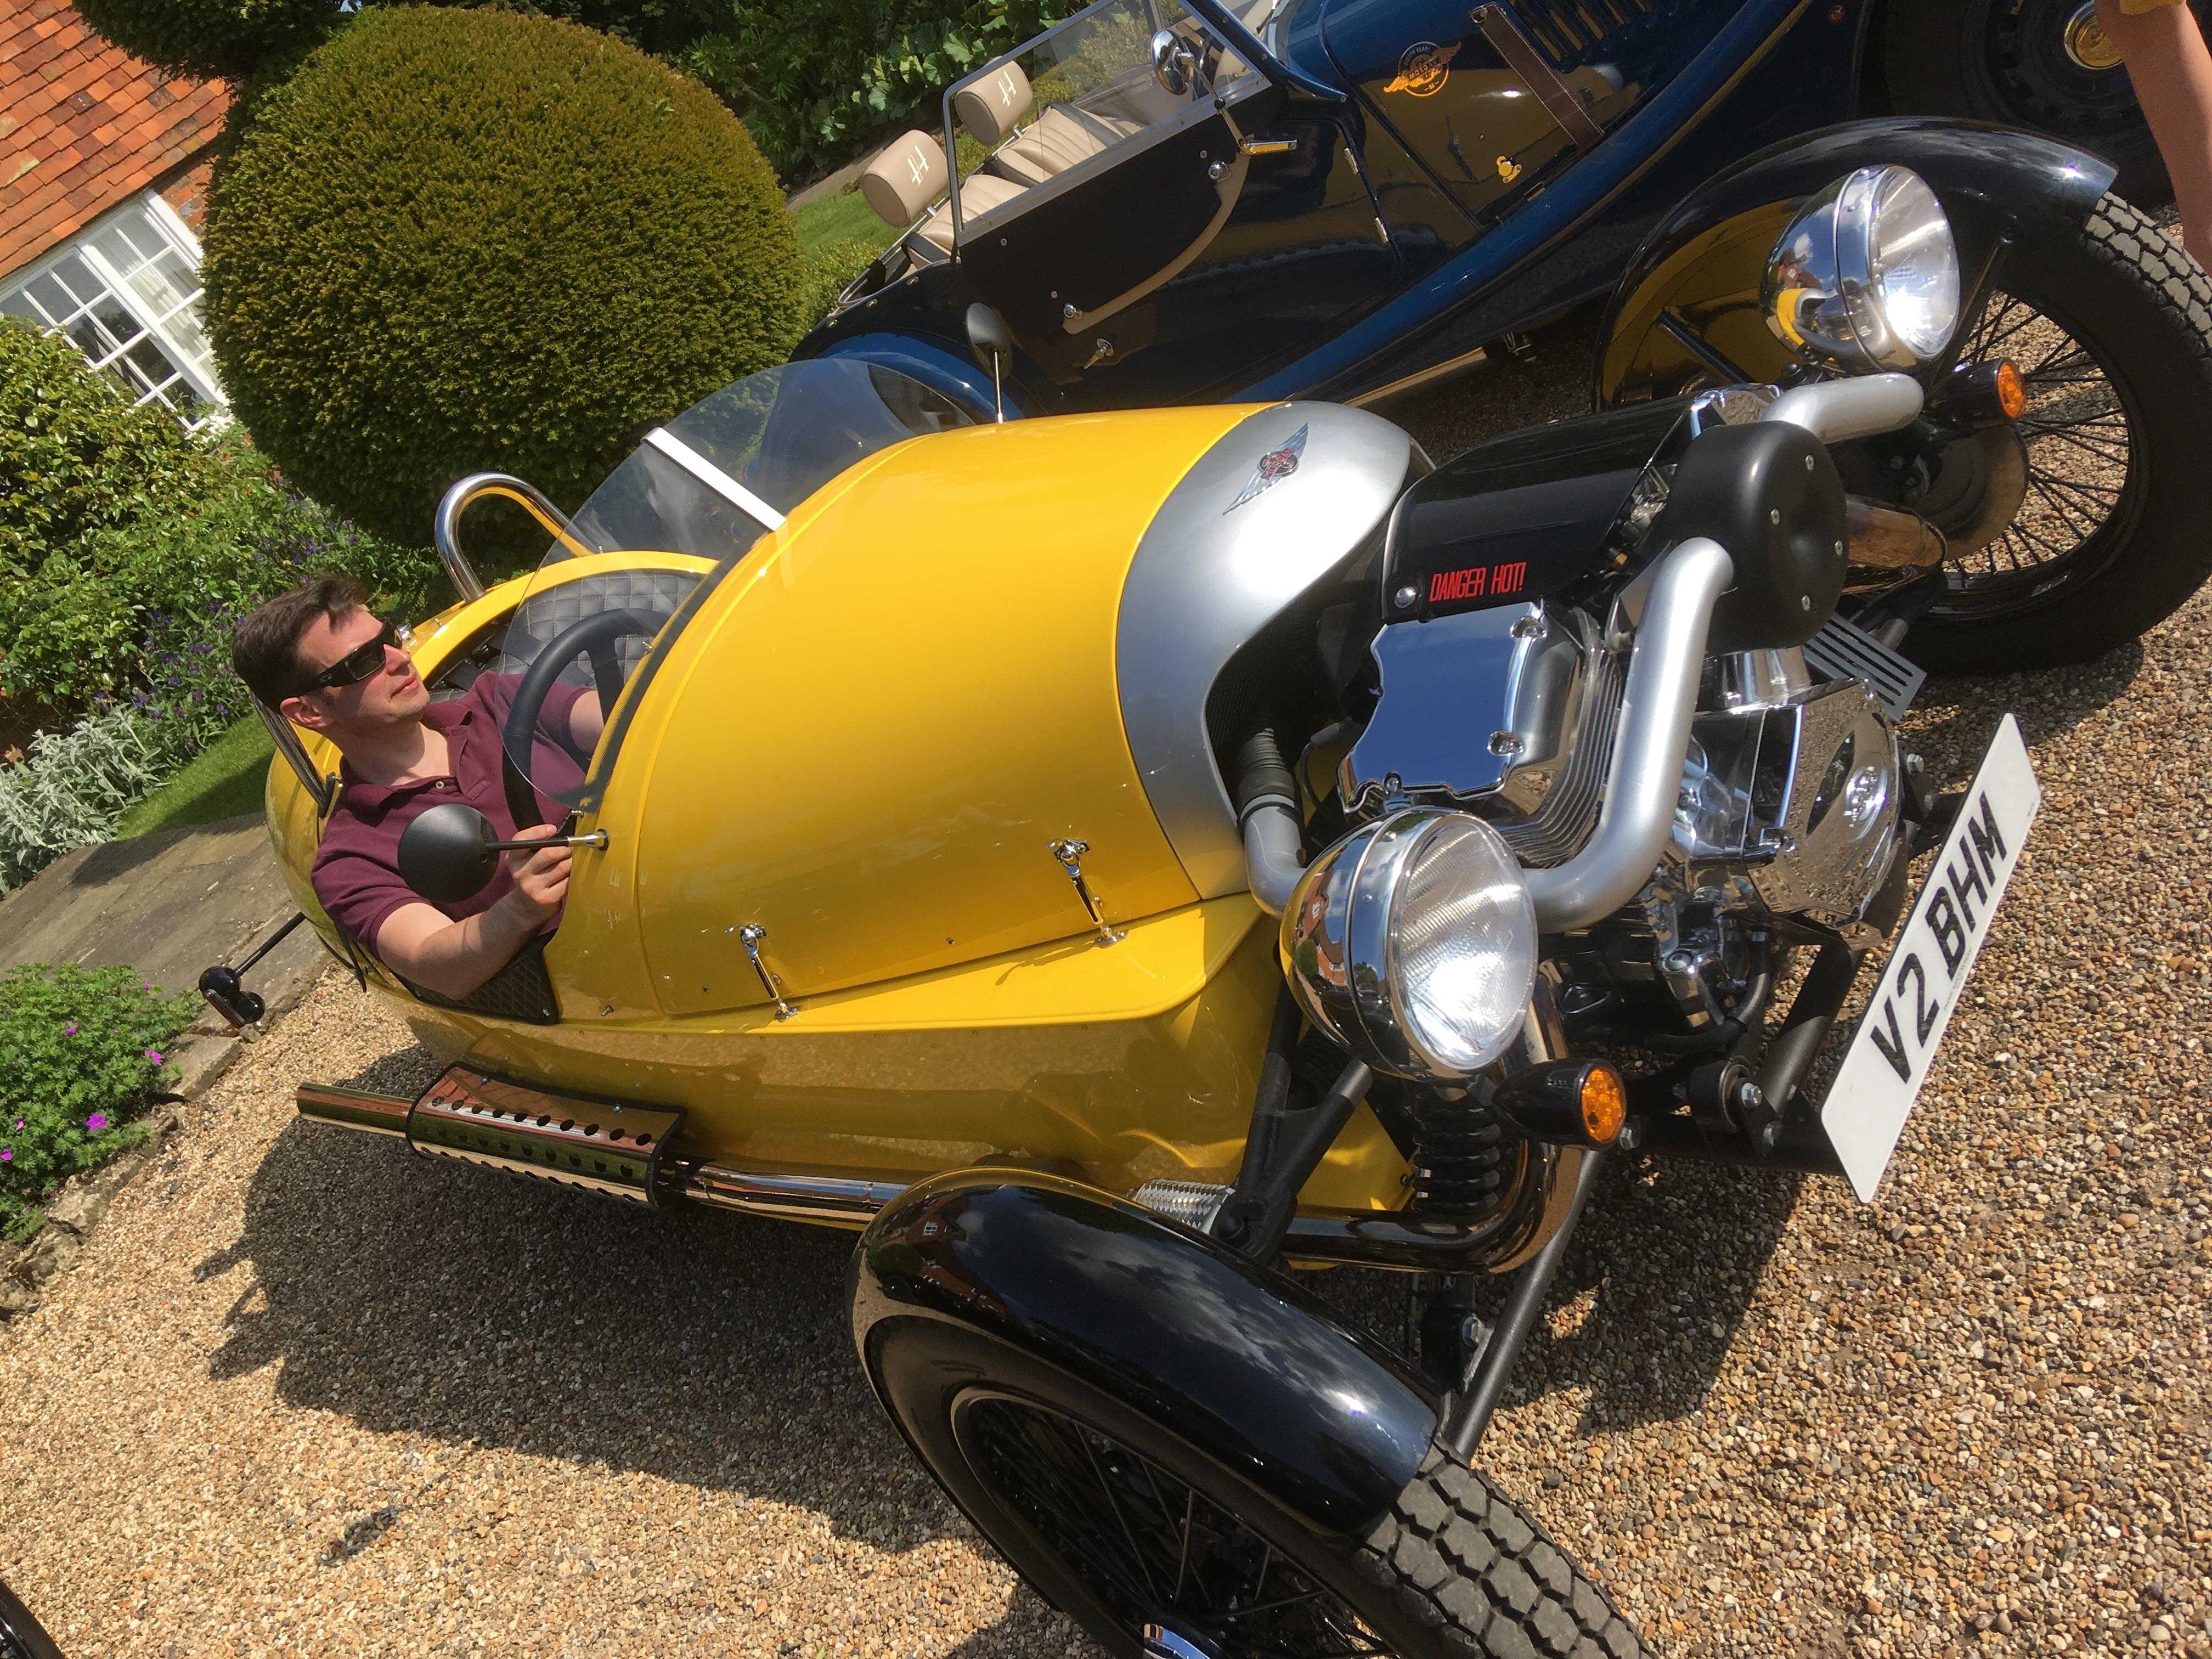 Chris in 3 wheeler